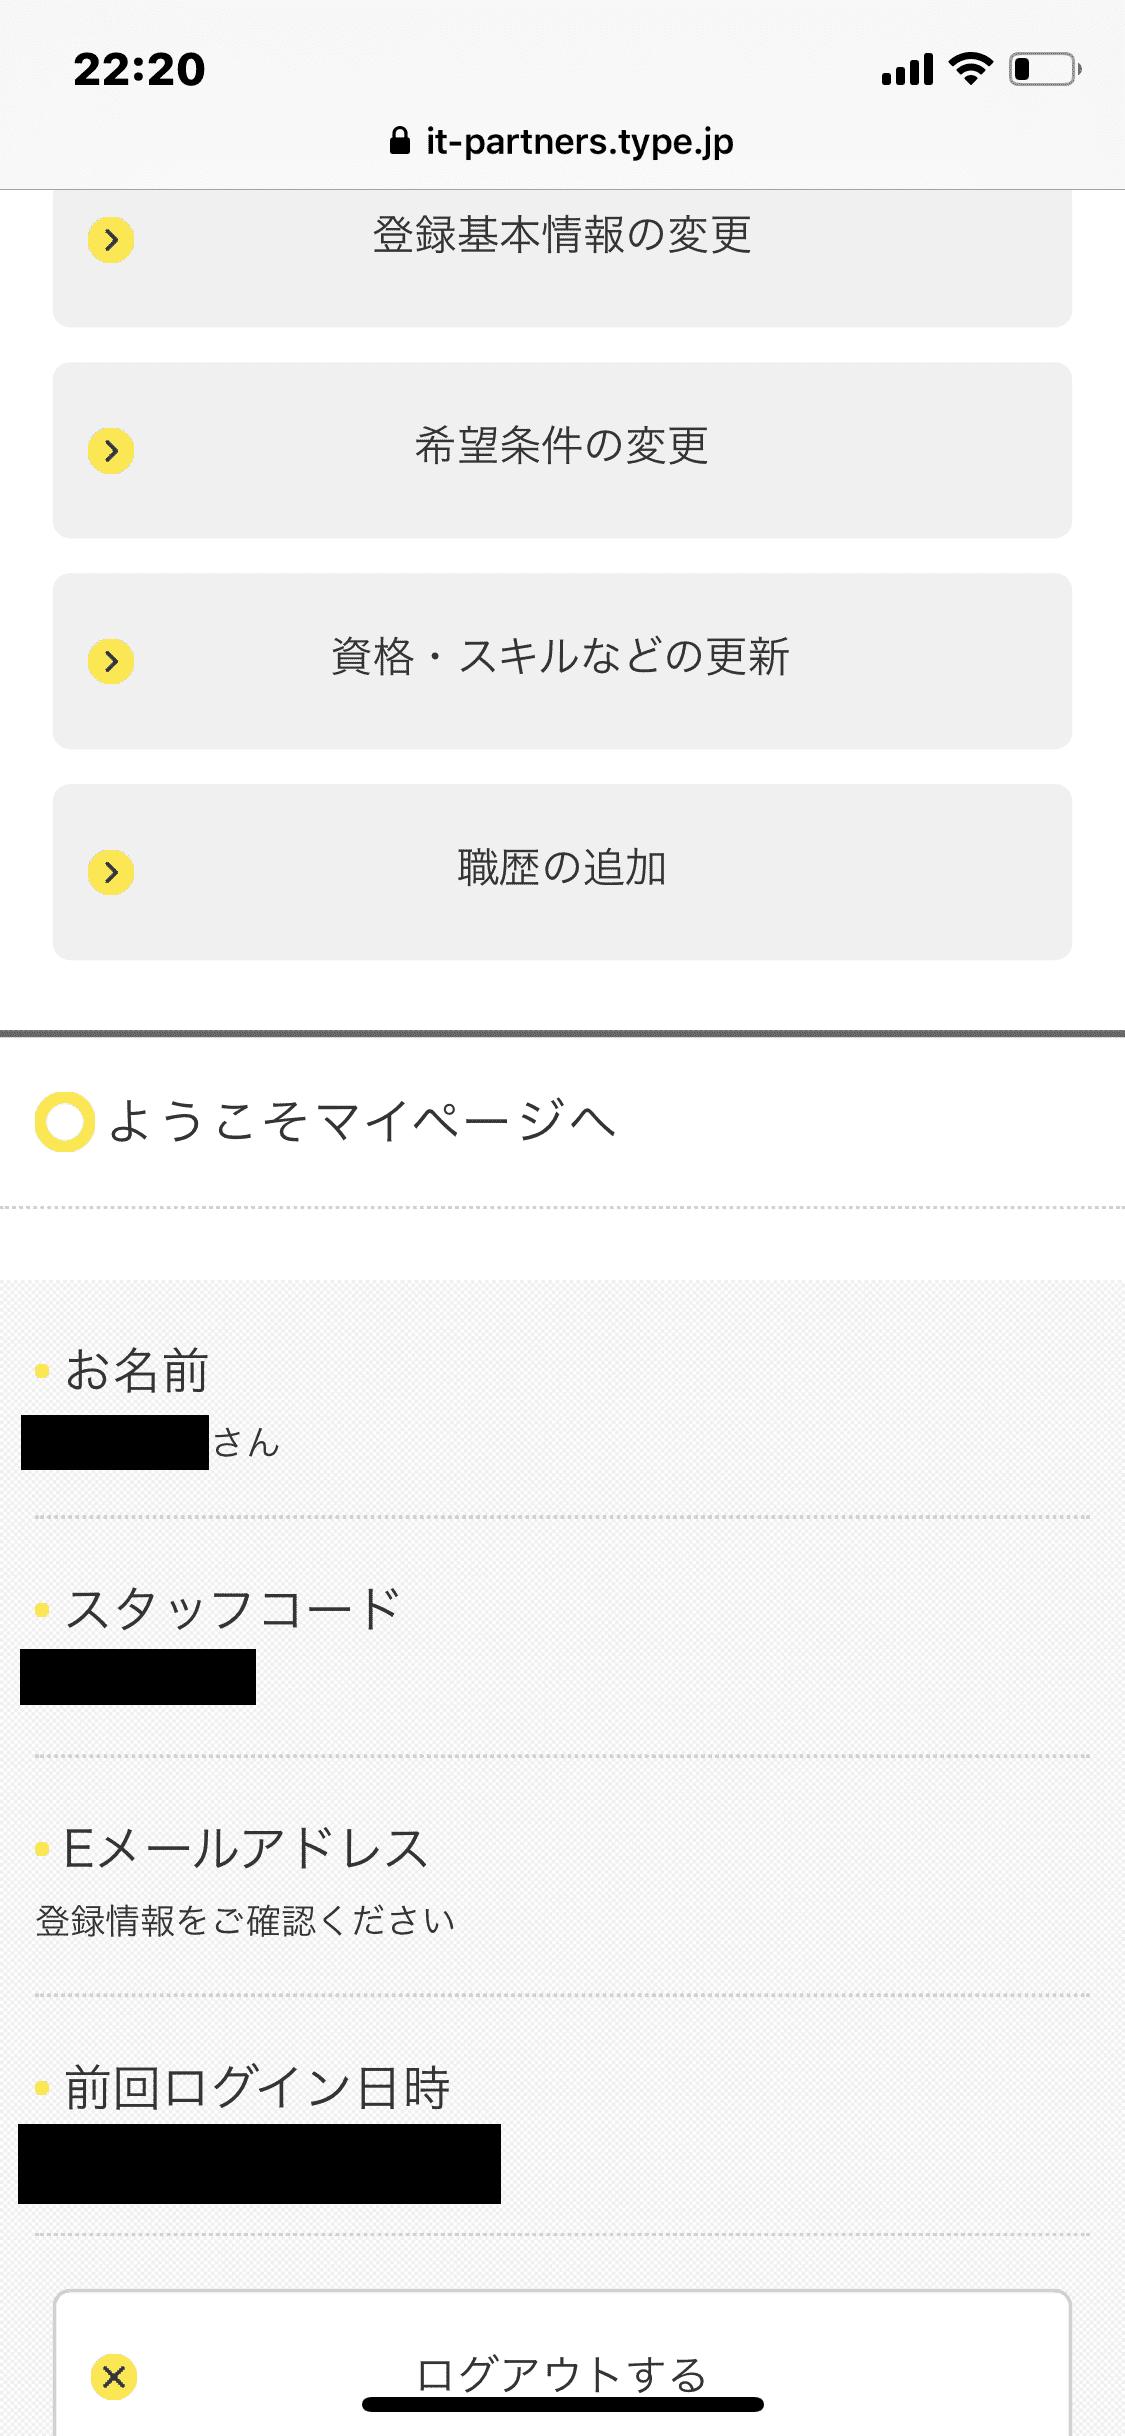 株式会社キャリアデザインITパートナーズ